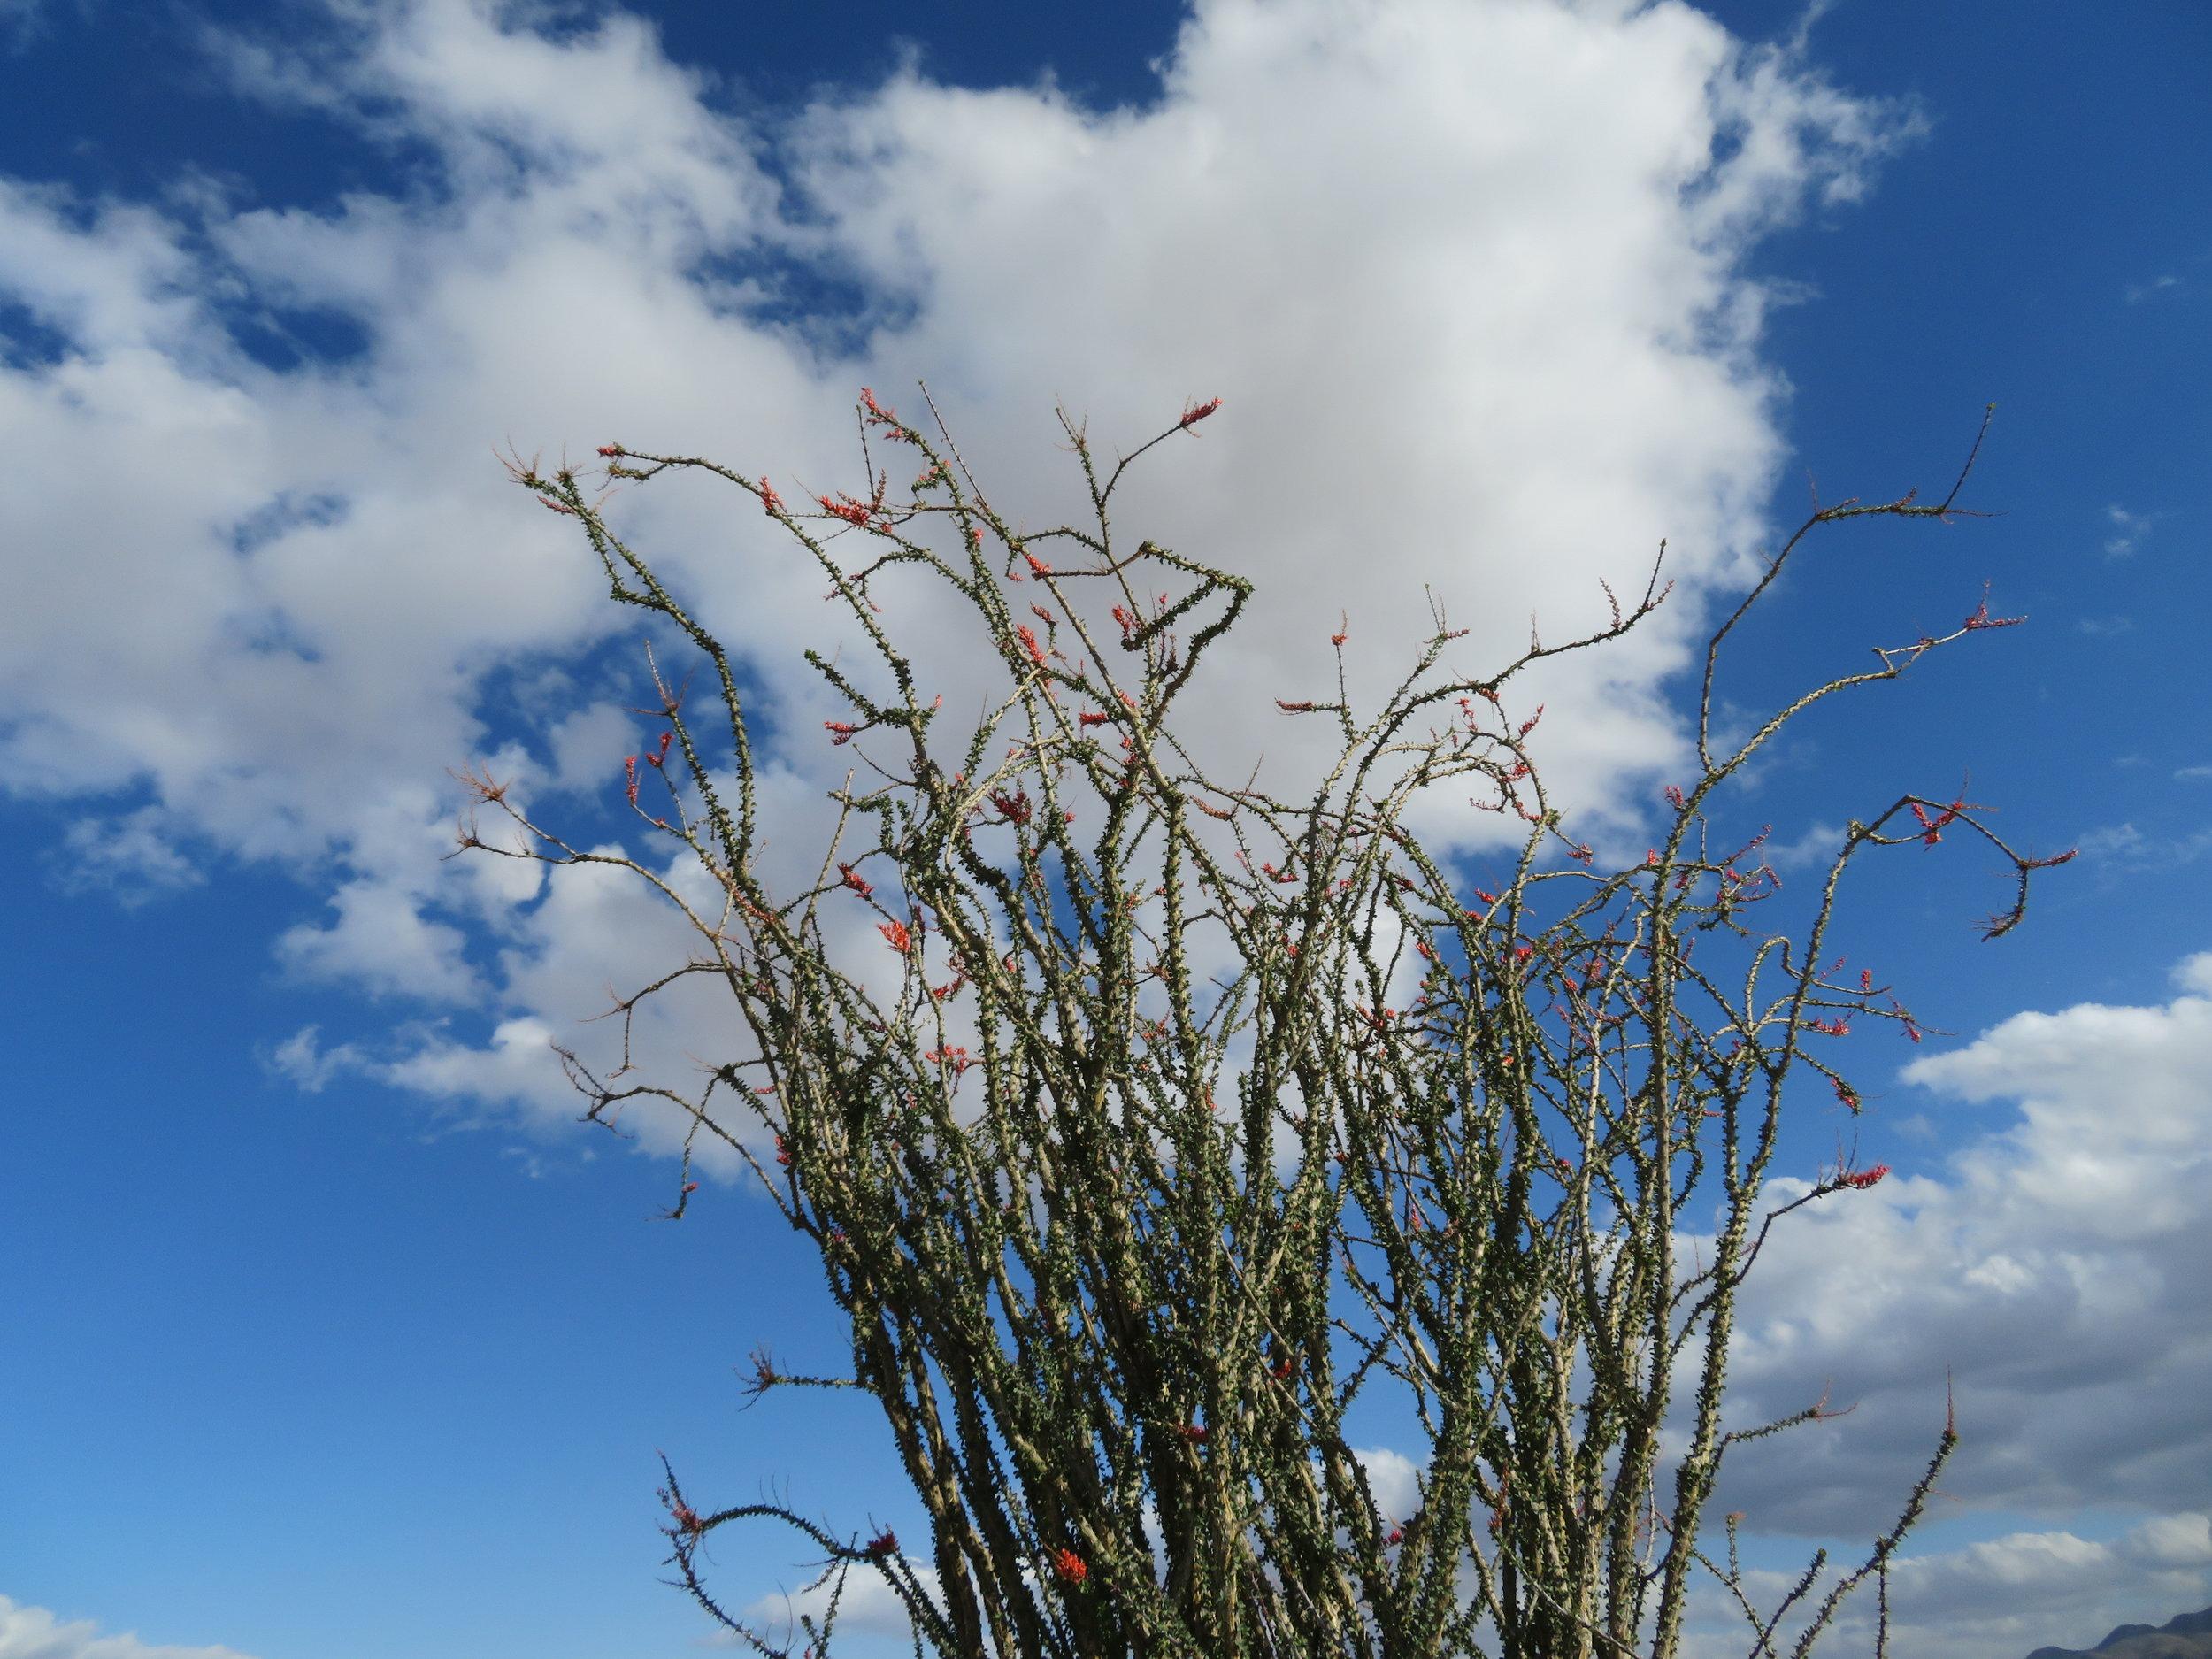 Ocotillo starting to blossom.